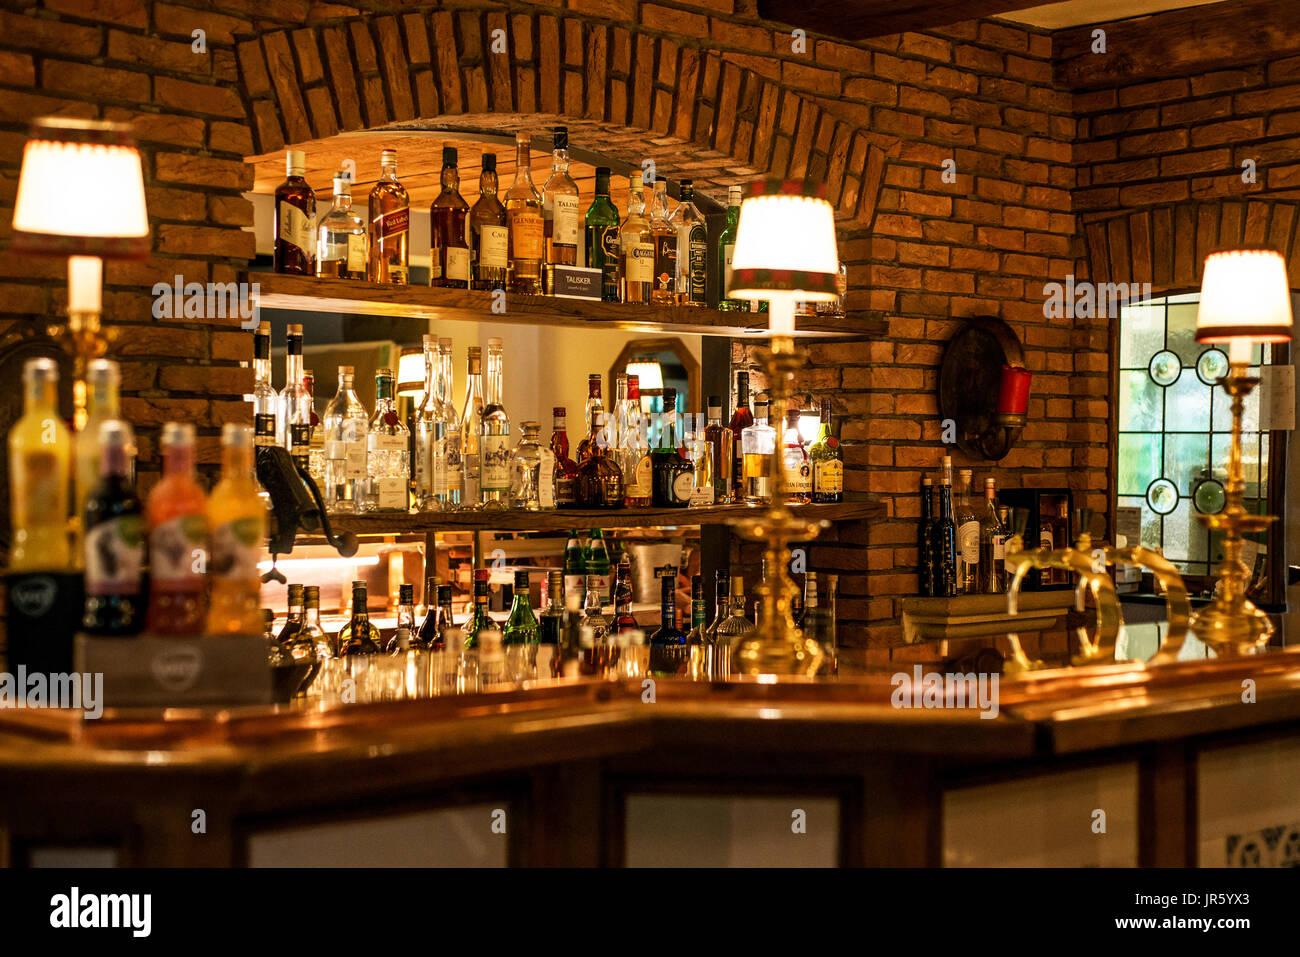 Bitters y perfusiones en el mostrador de bar, botellas en el fondo borroso de la imagen en tonos de luz de pared de ladrillo Imagen De Stock